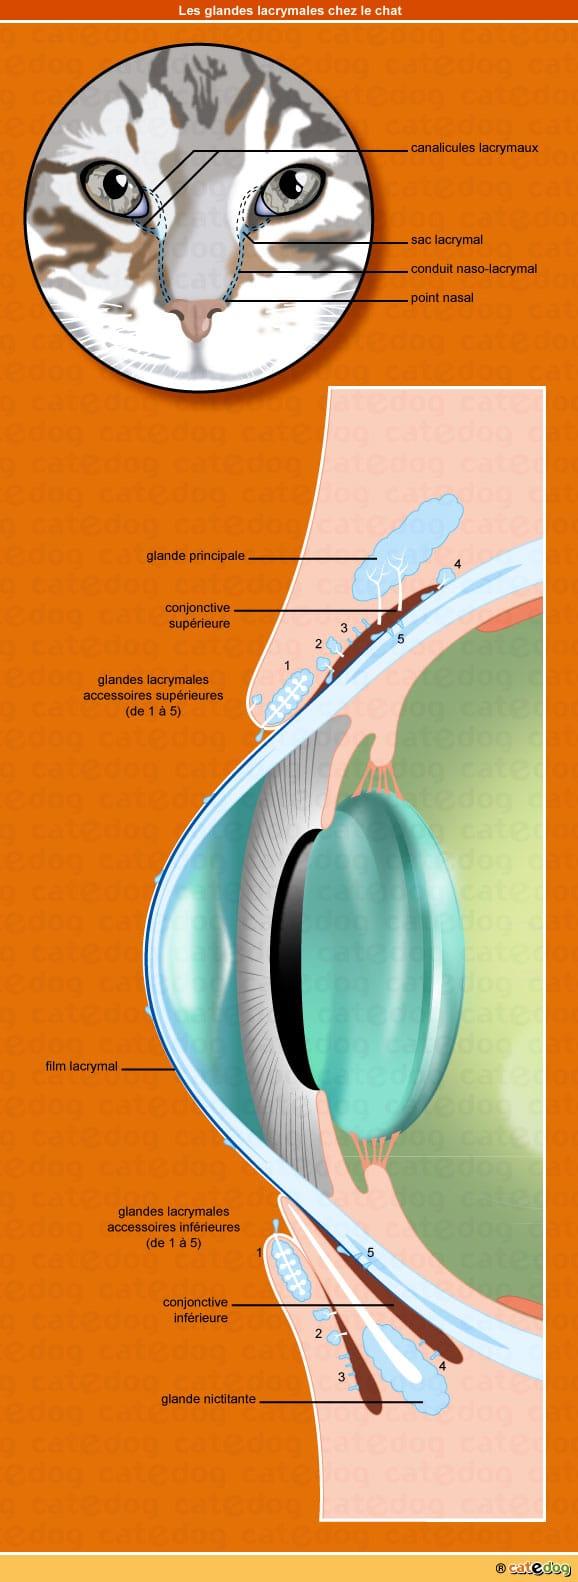 anatomie-chat-glandes-lacrymales-paupiere-ecoulement